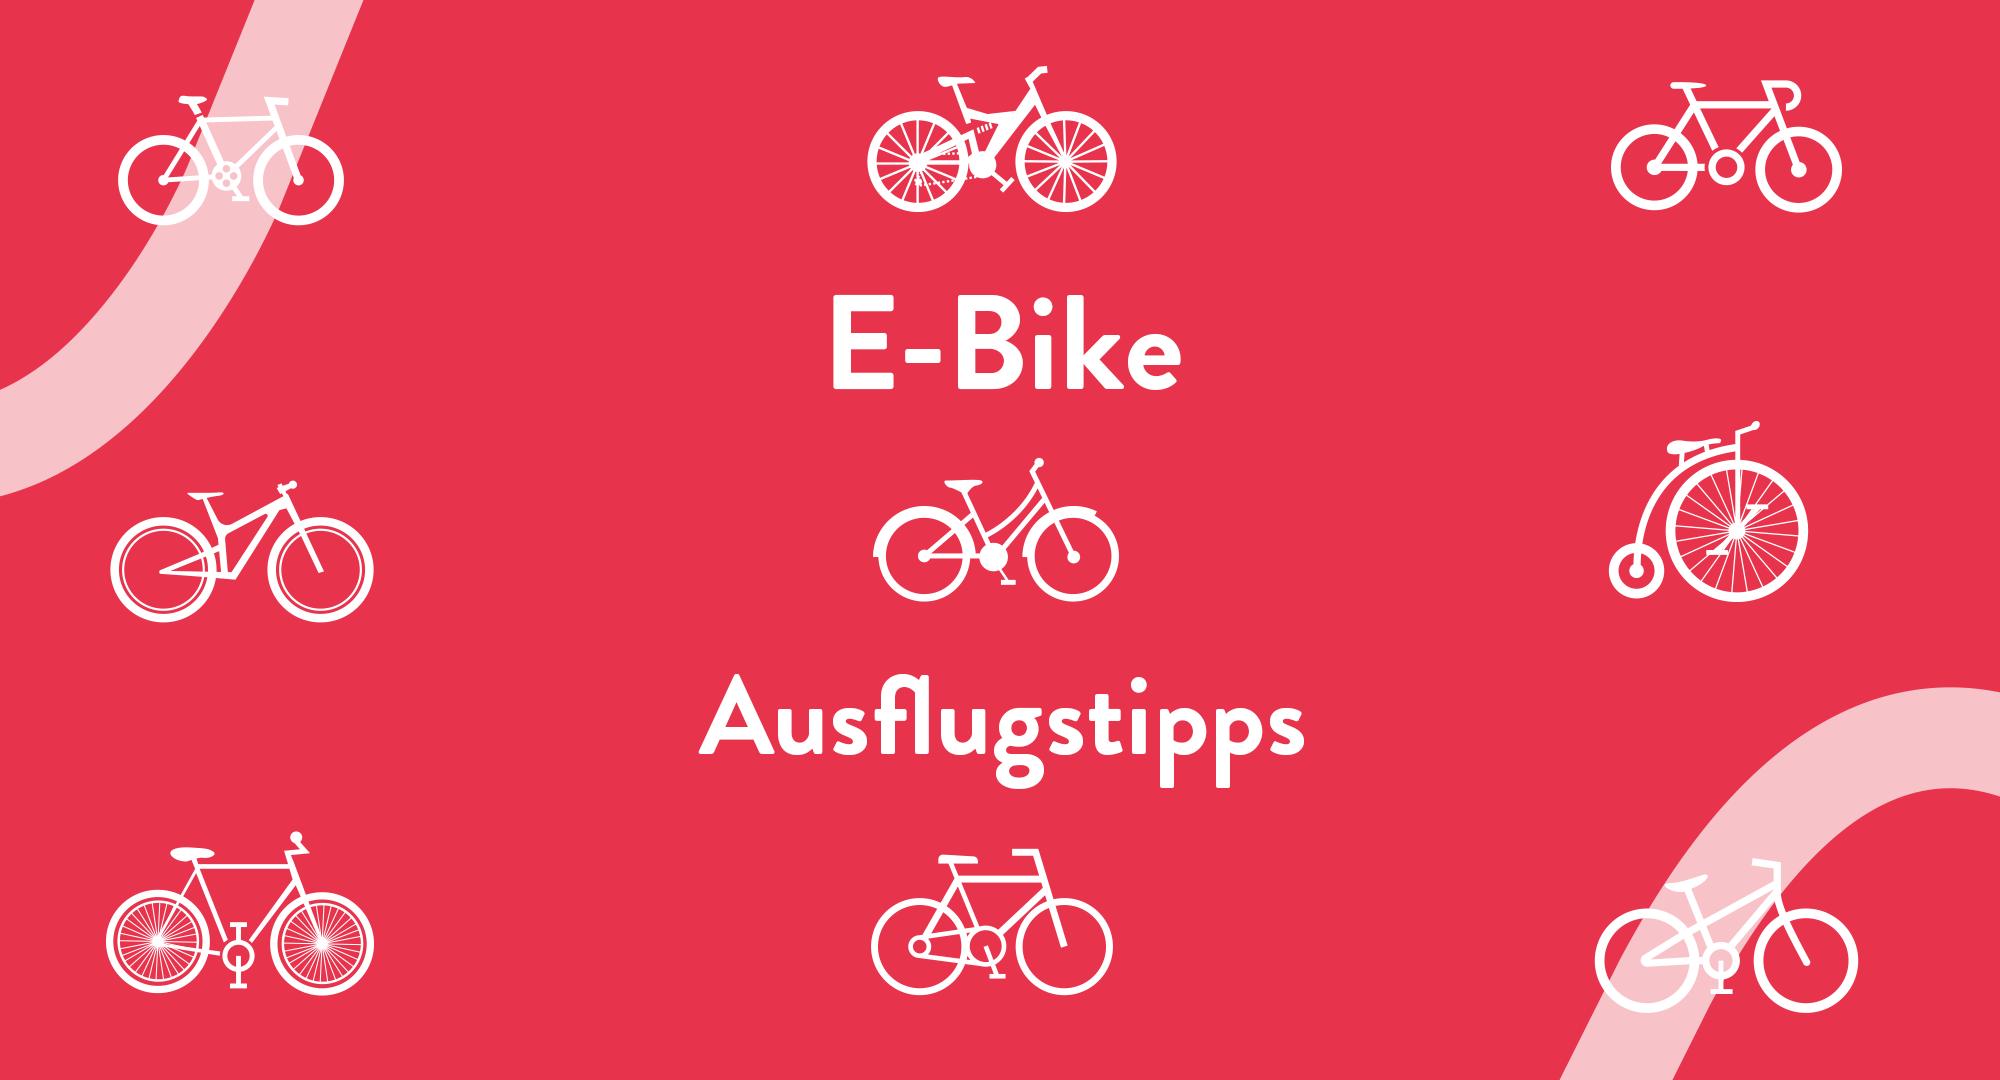 Rote Grafik mit Fahrrad Symbolen und Überschrift: EBike Ausflugstipps